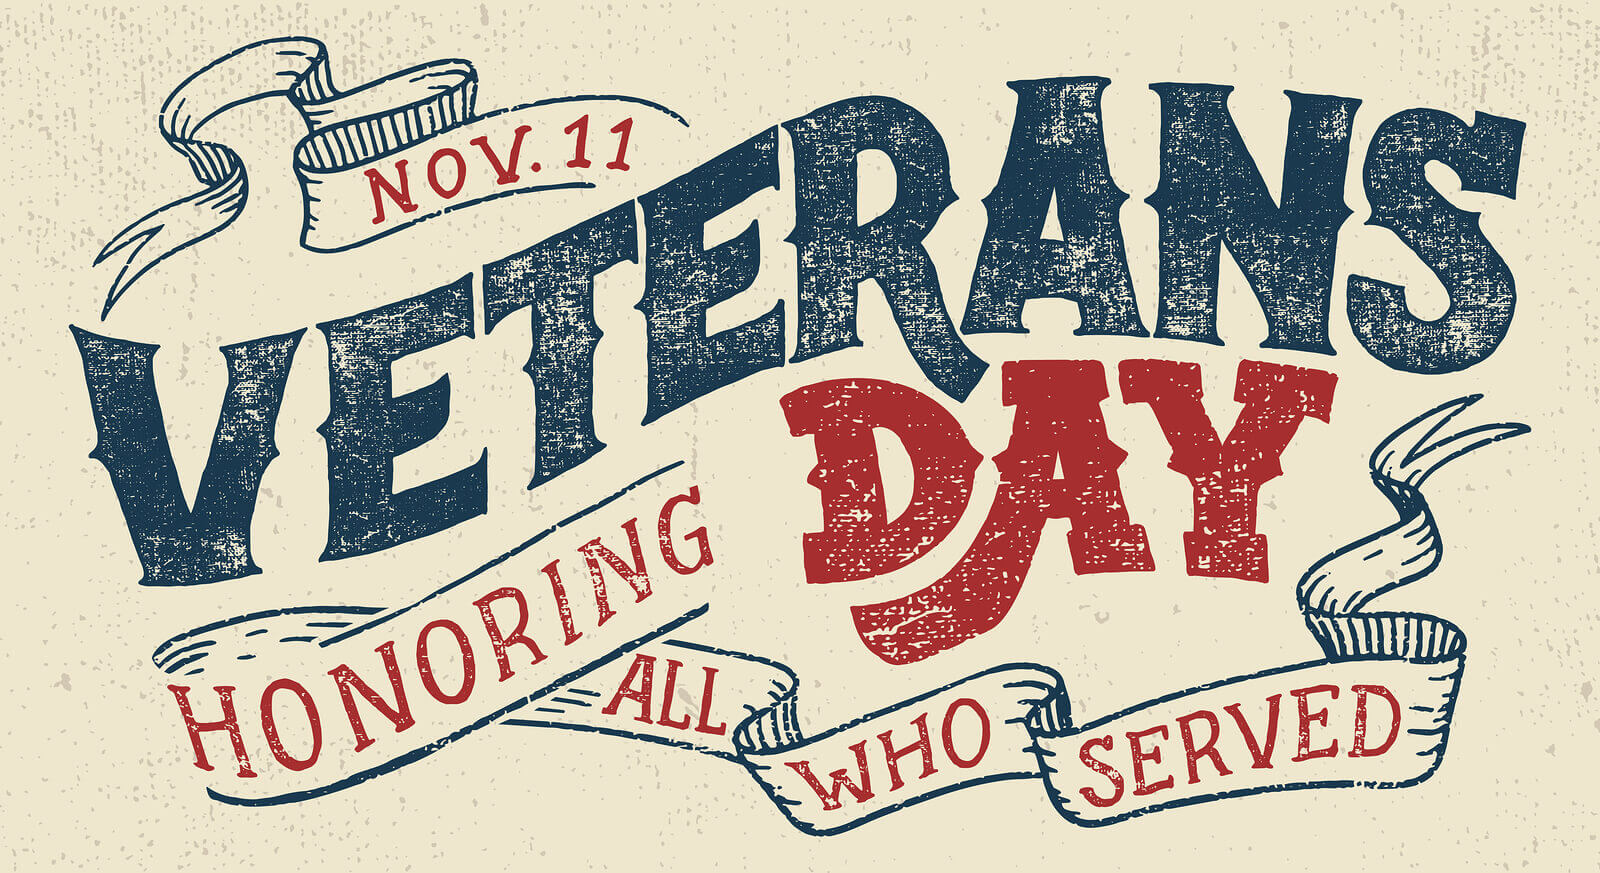 Veterans Day Resources Surfnetkids